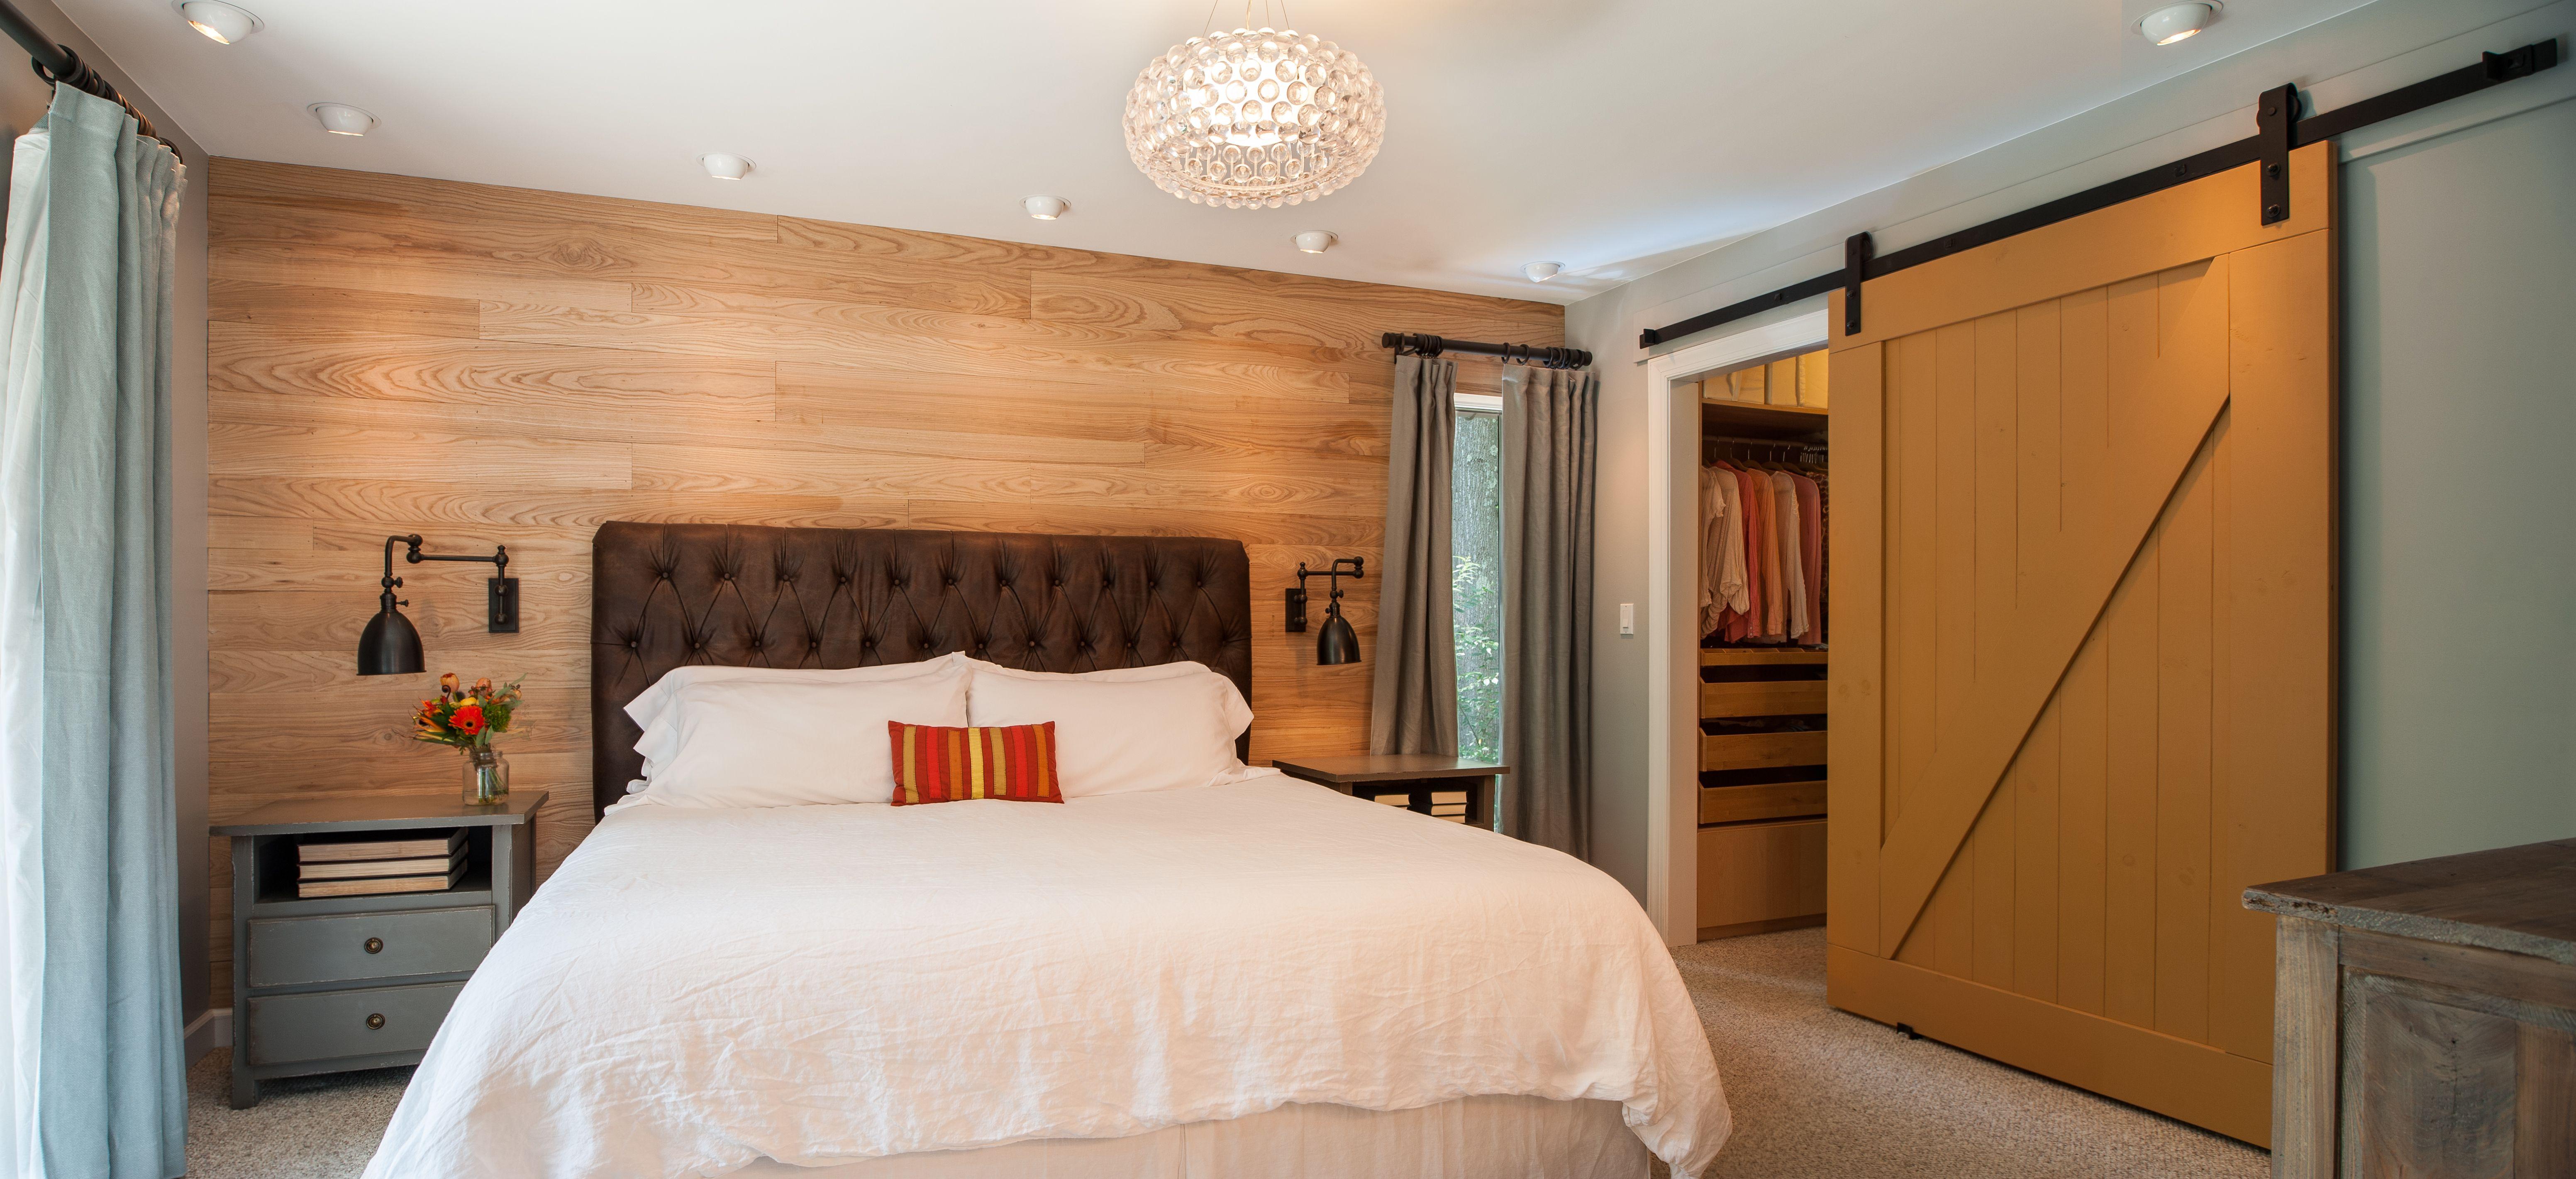 Badezimmer Holzwand Holzwand Wohnzimmer Esszimmer Schlafzimmer Home